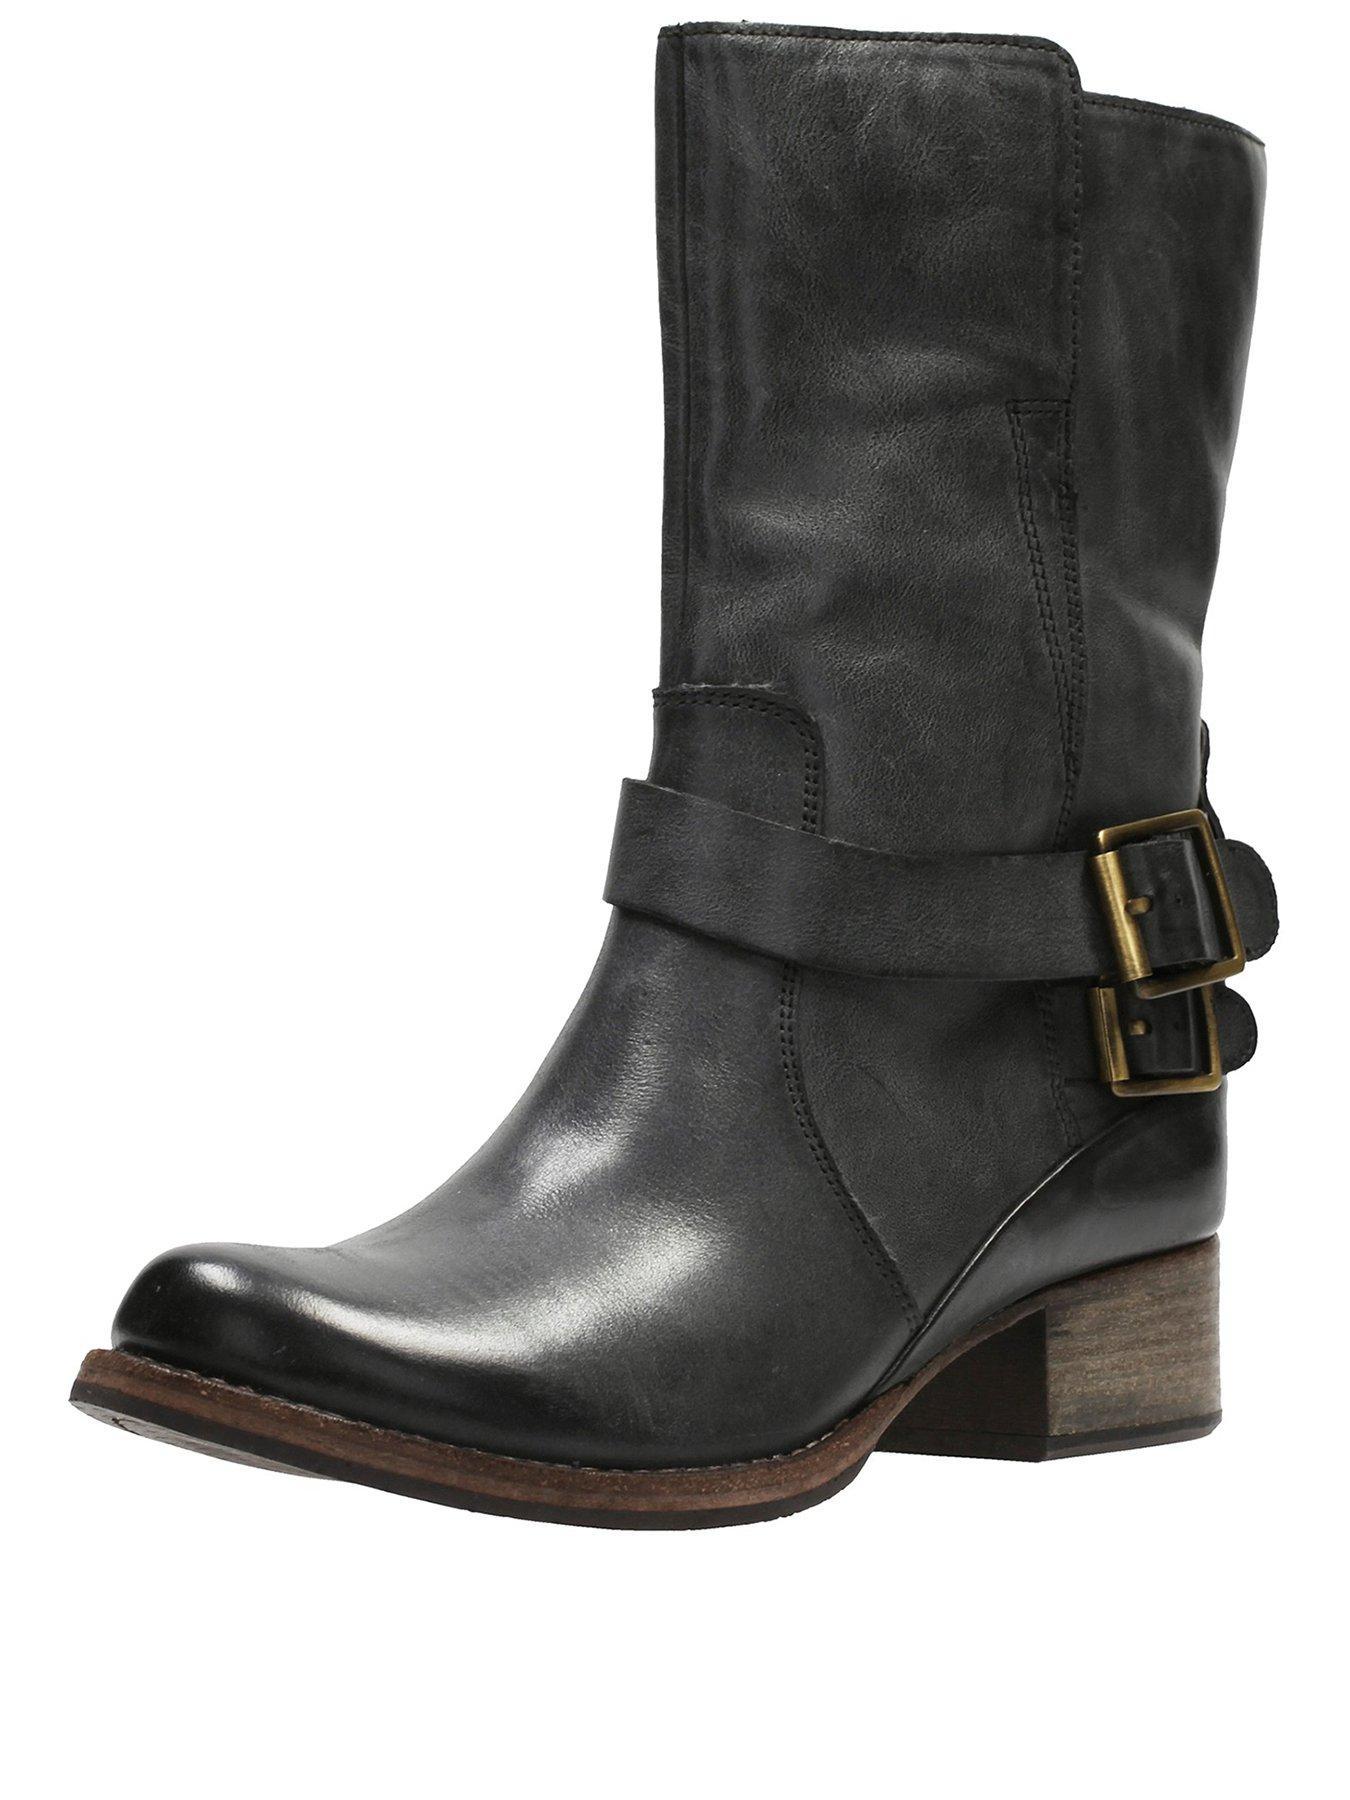 Clarks Clarks Monica Soul Low Heel Calf Height Biker Boot 1600197238 Women's Shoes Clarks Boots